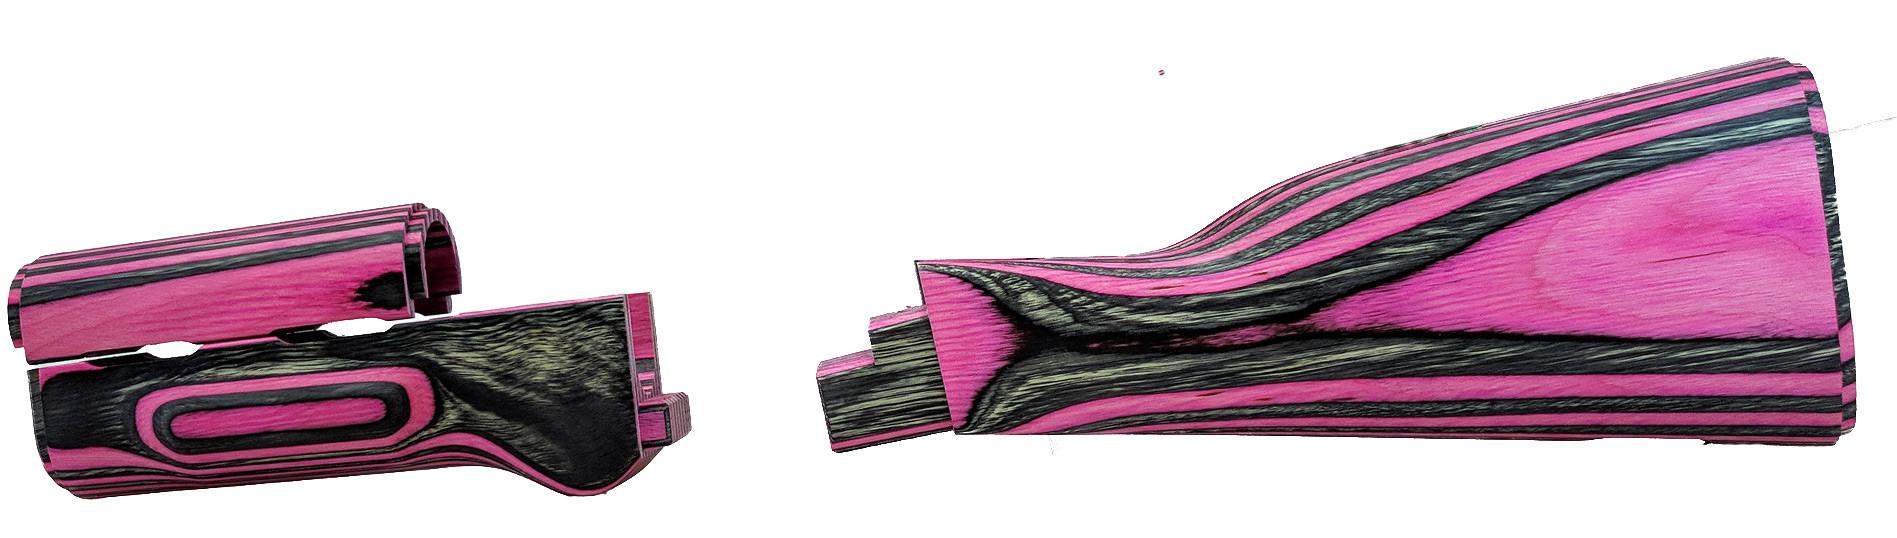 AK Laminated Furniture Set, Pink, w/o Grip, *NEW*